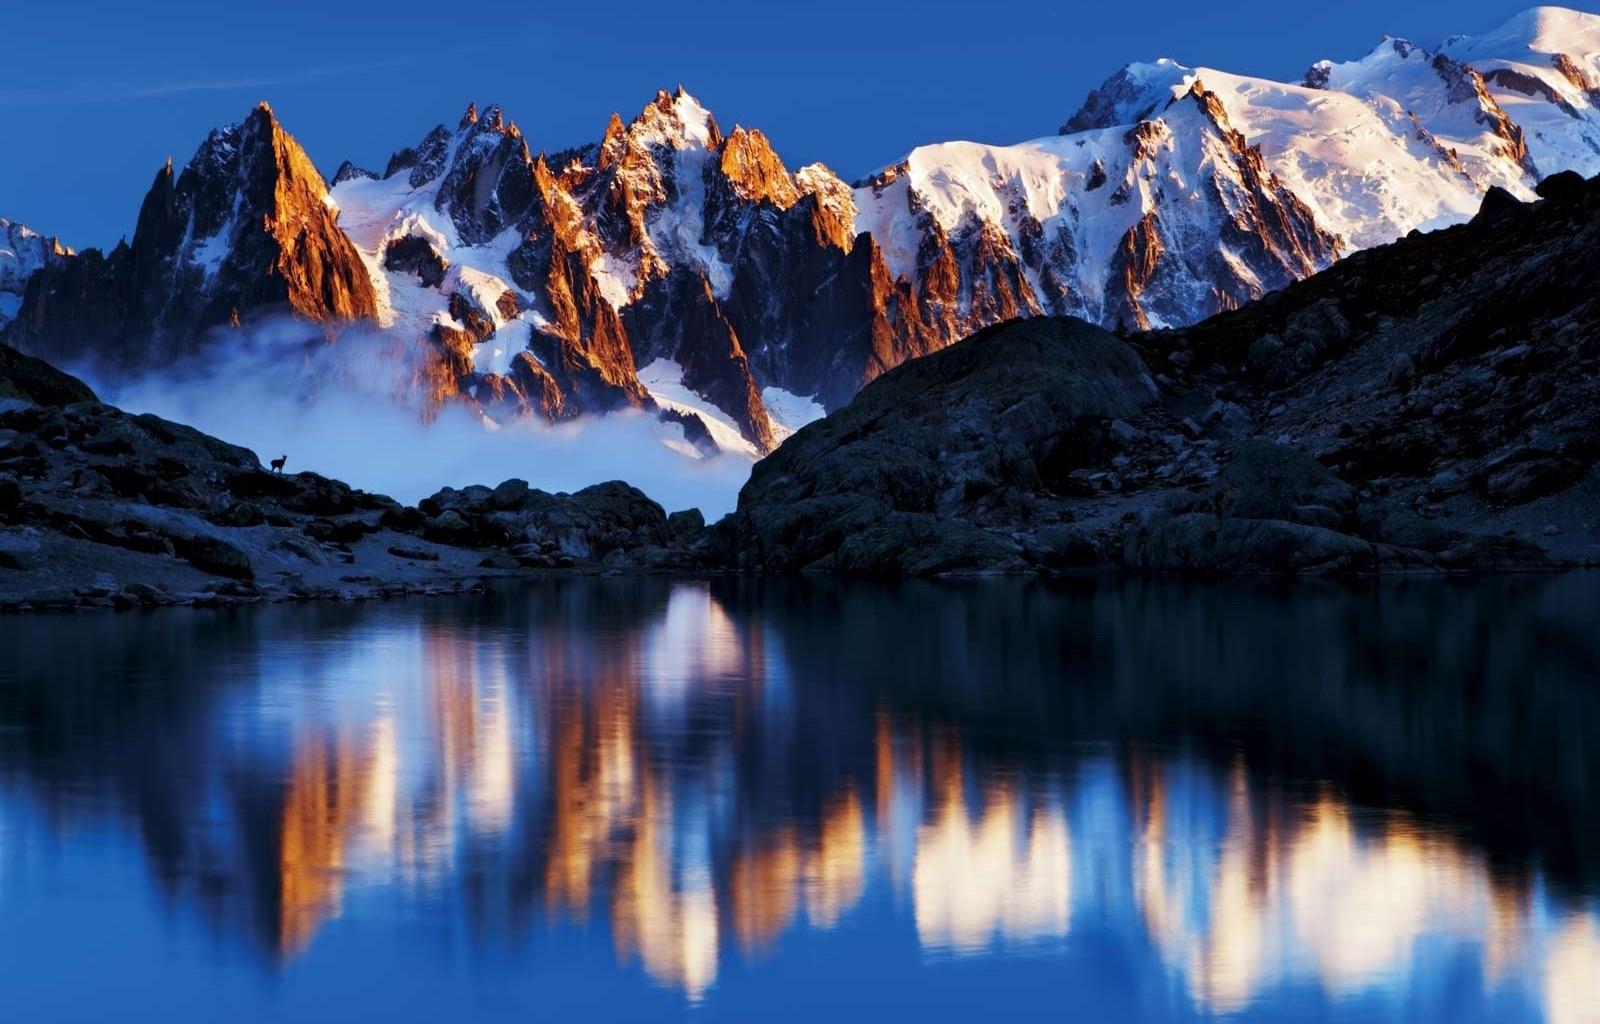 29675 скачать обои Пейзаж, Горы, Озера - заставки и картинки бесплатно